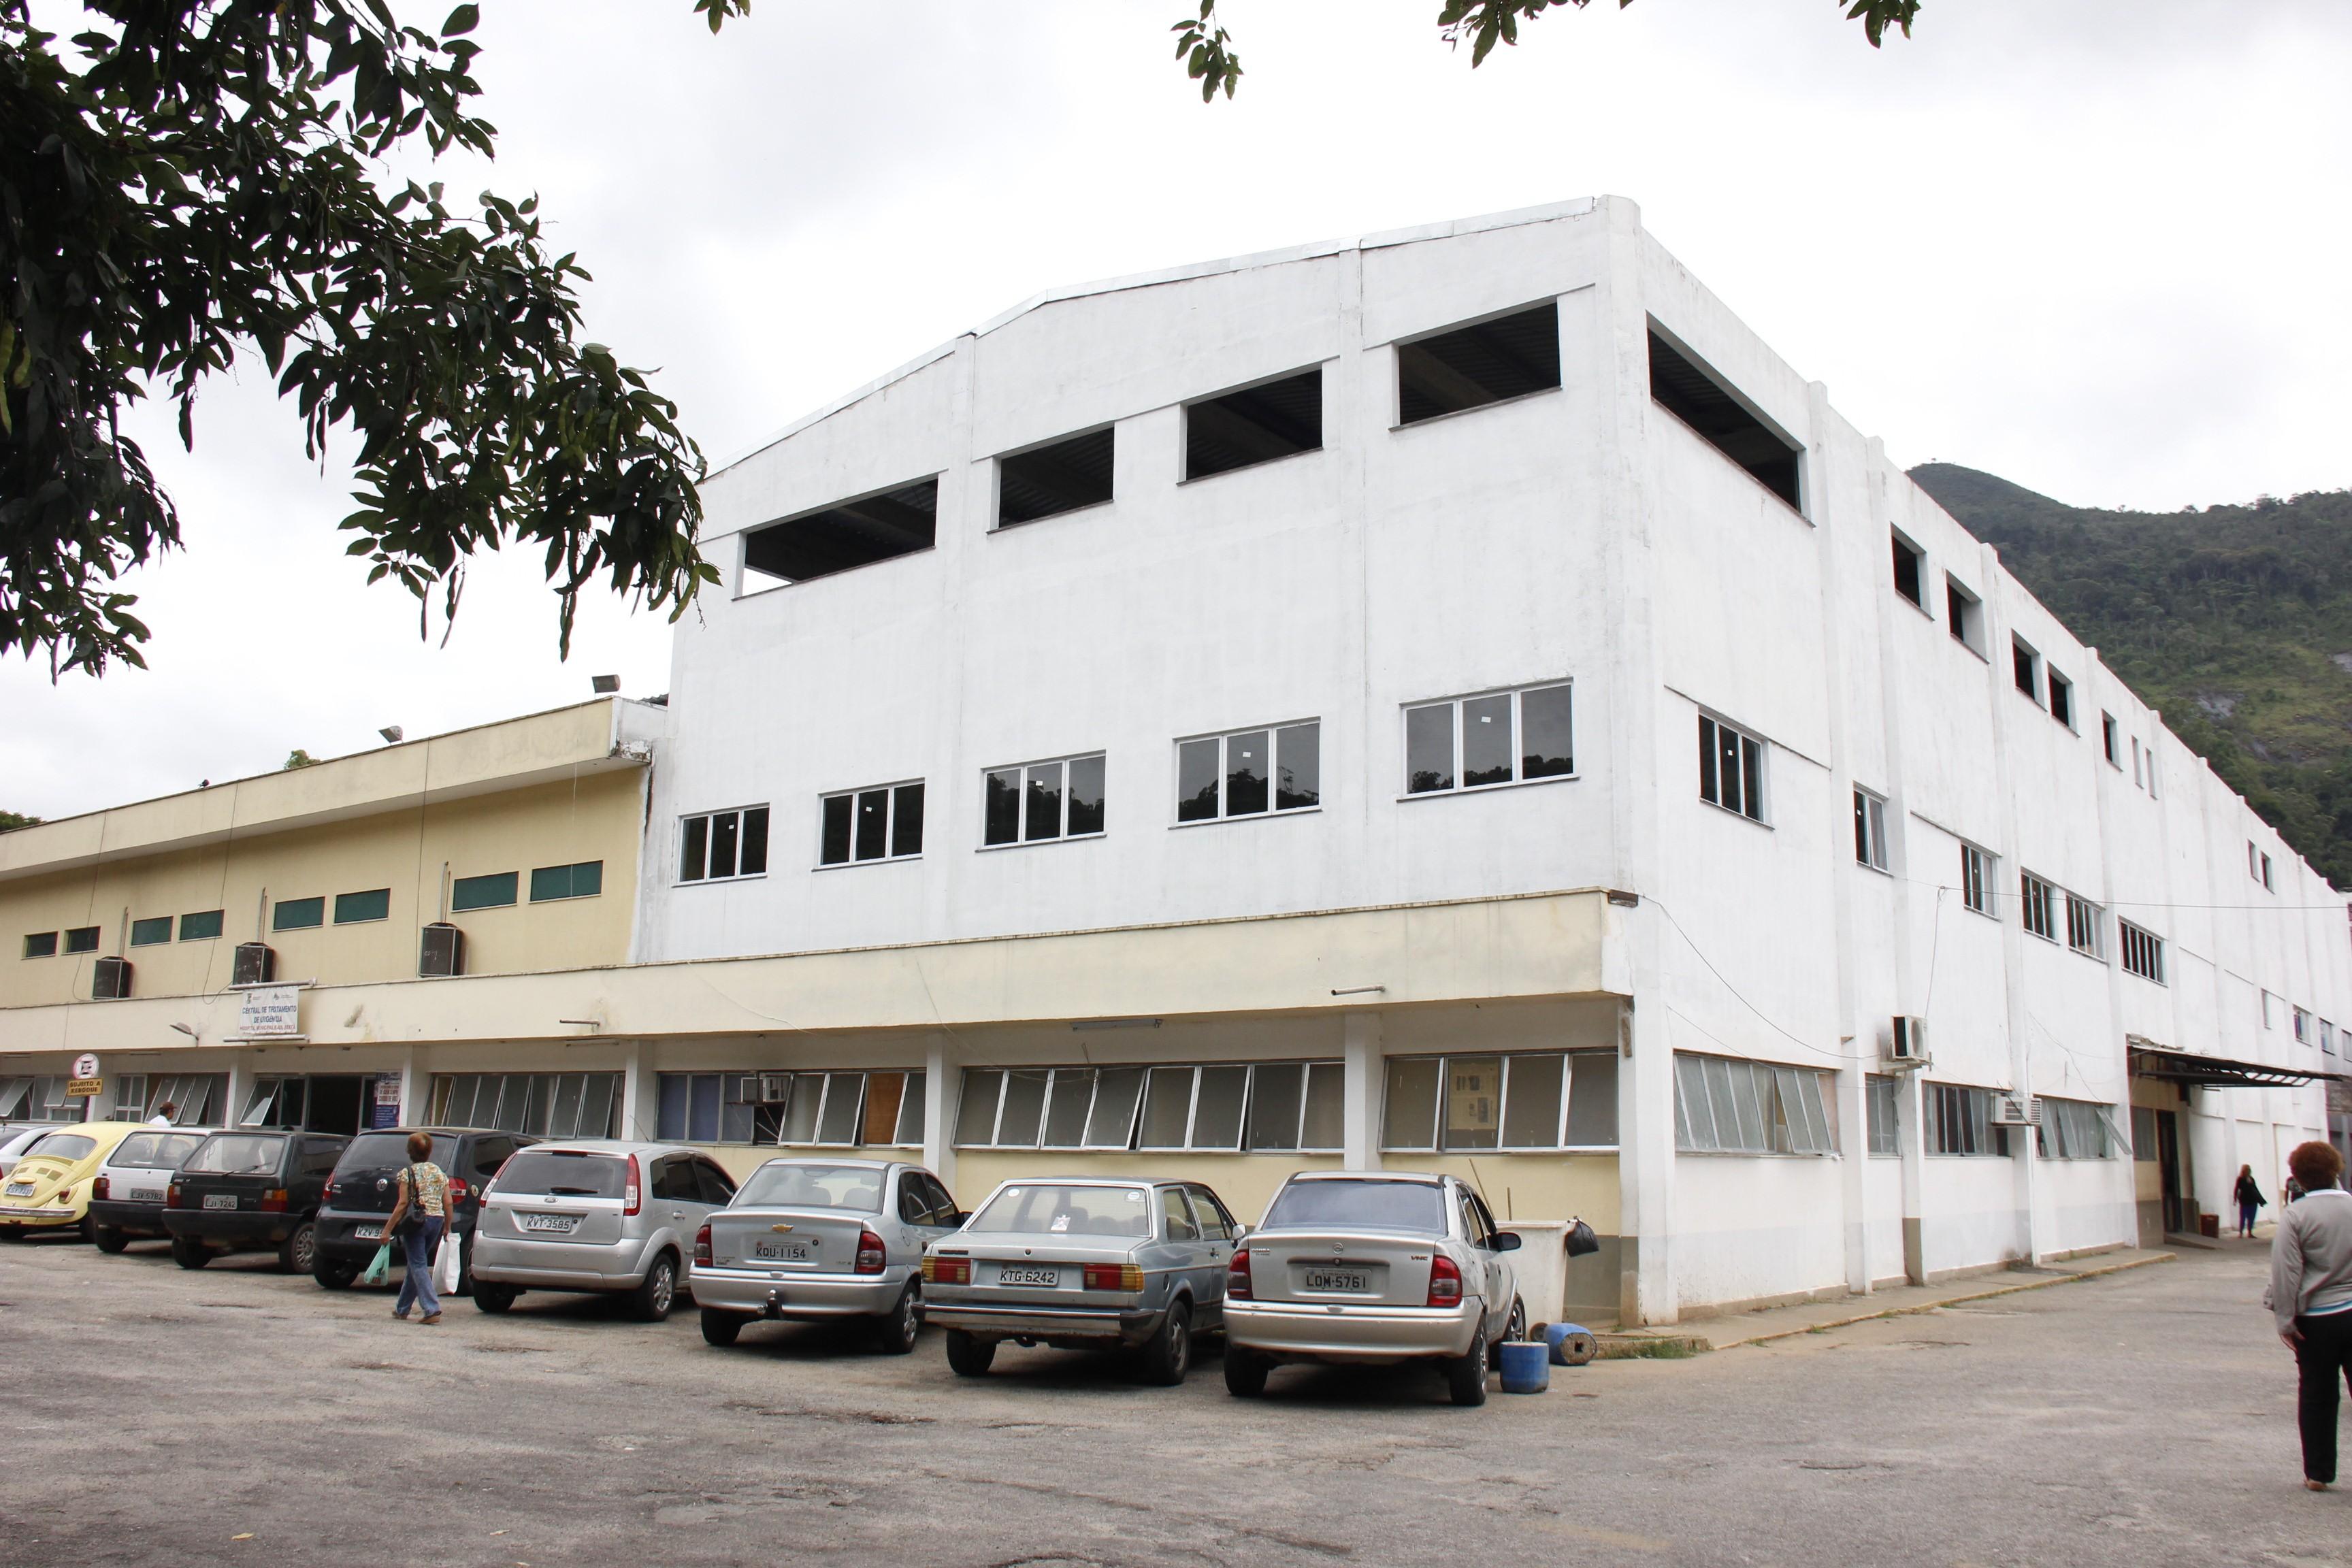 Prefeitura faz corte de pessoal em Hospital de Nova Friburgo, RJ, para cumprir TAC - Radio Evangelho Gospel